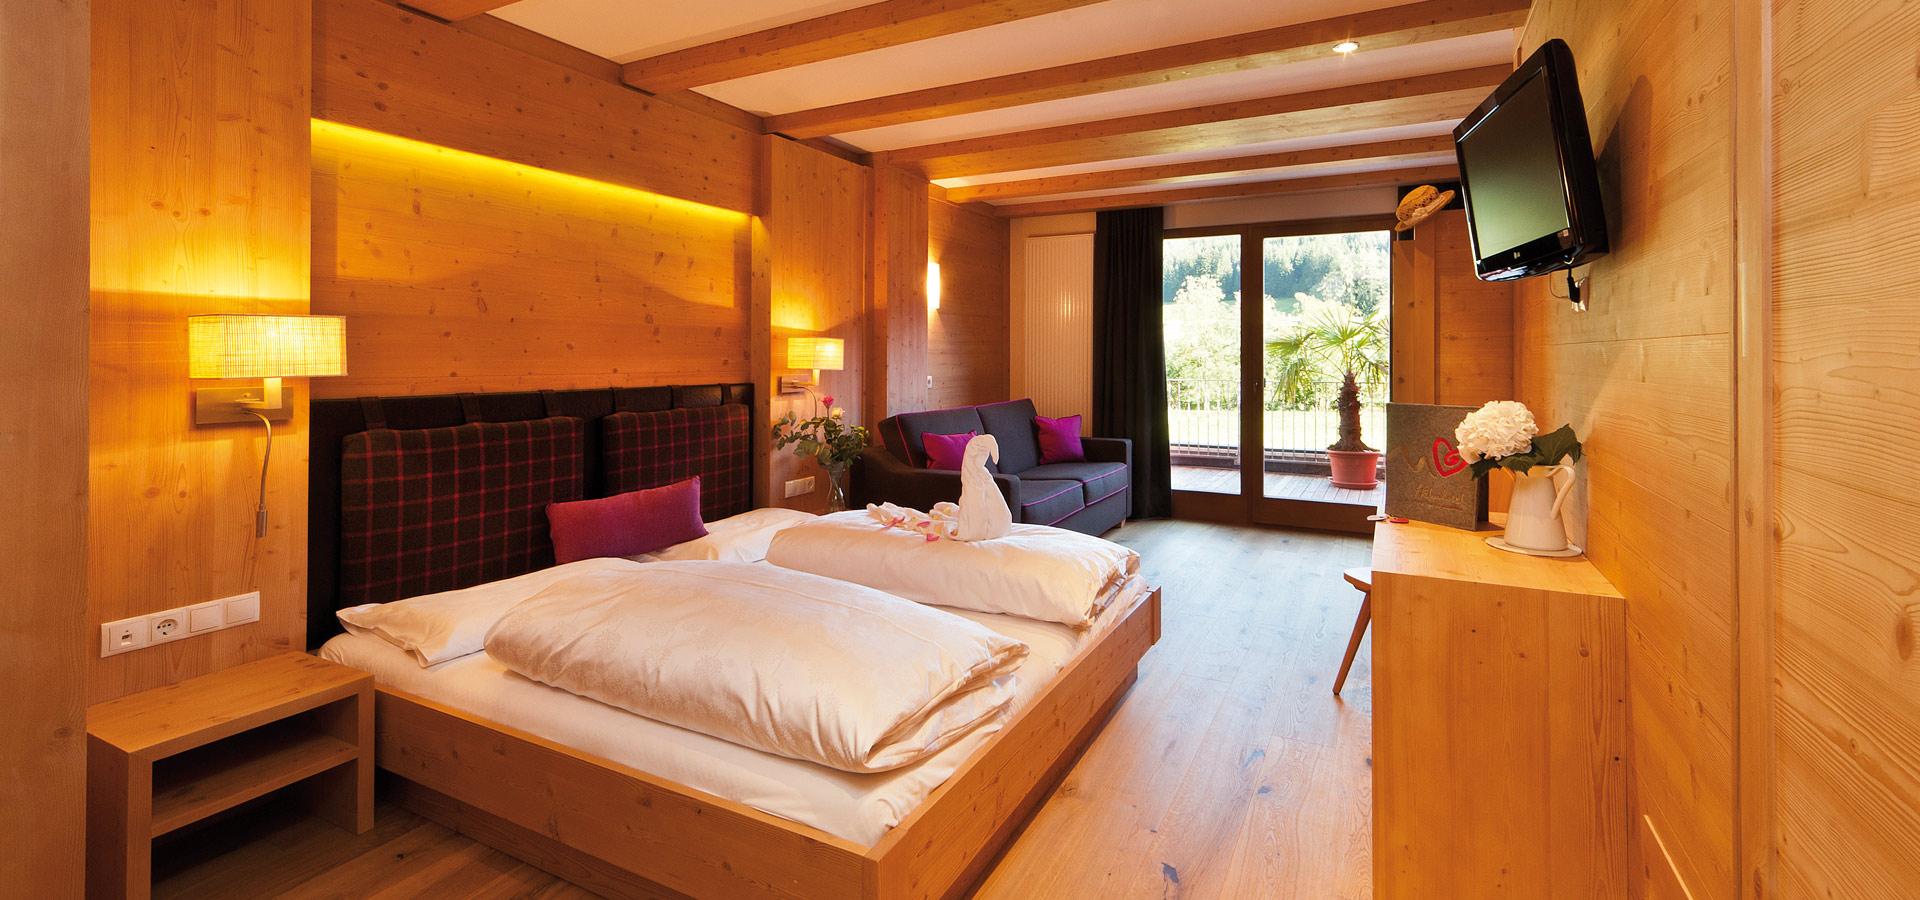 Camere a San Candido alloggi soggiorni Alto Adige vacanze Dolomiti ...